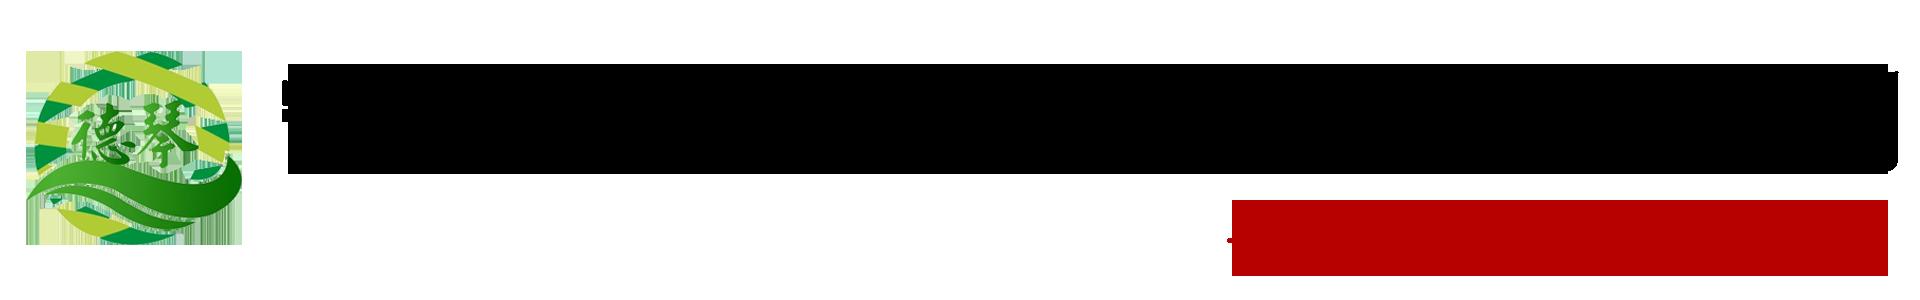 宁夏德琴农业科技开发有限公司